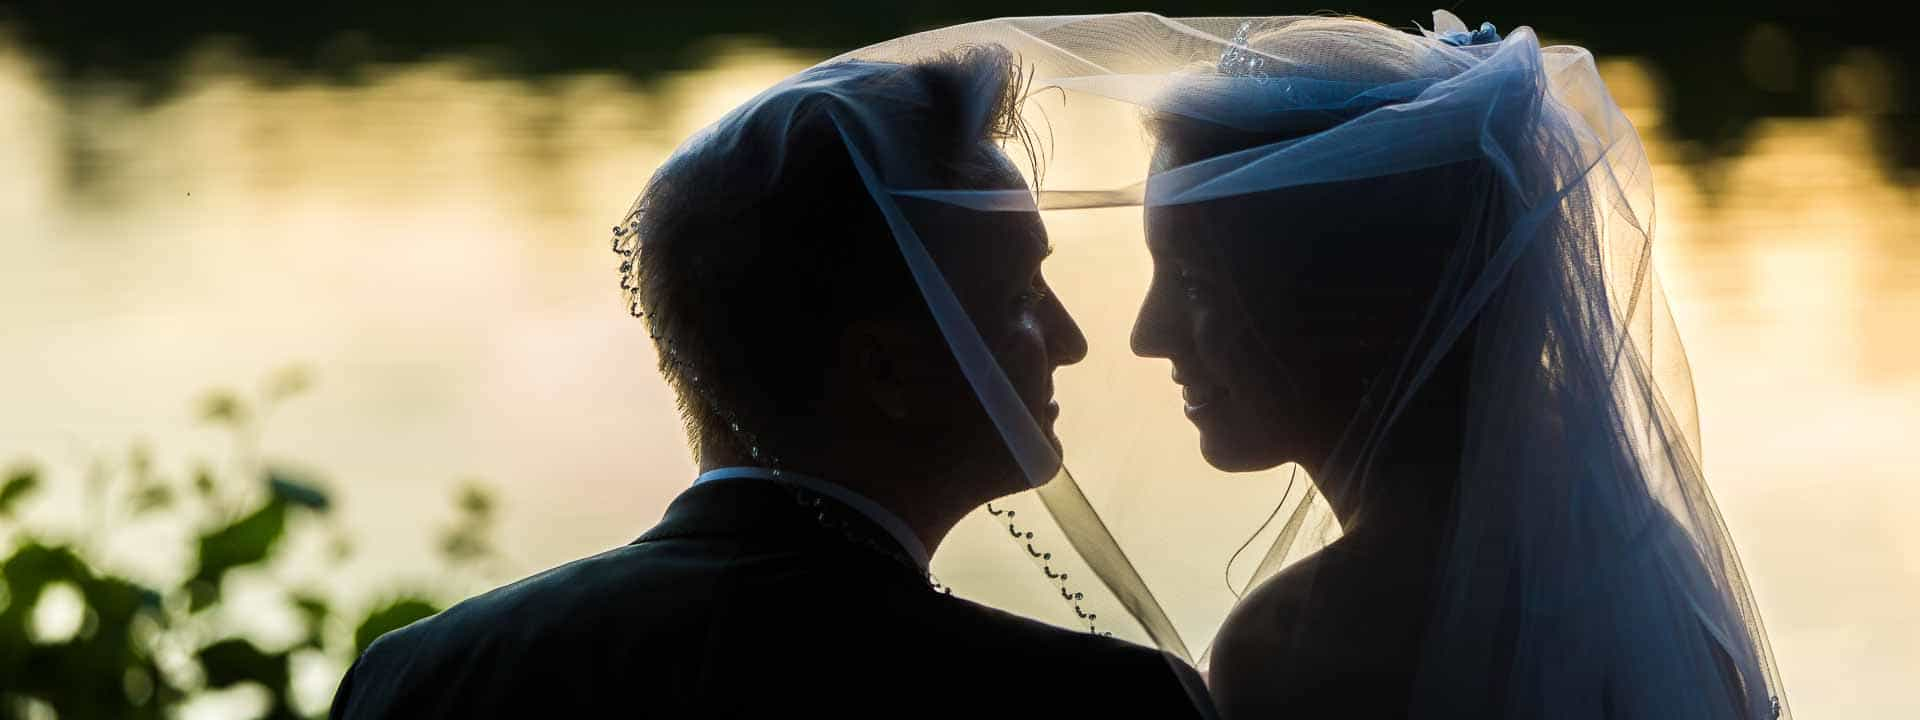 Brautpaar küssend im Gegenlicht